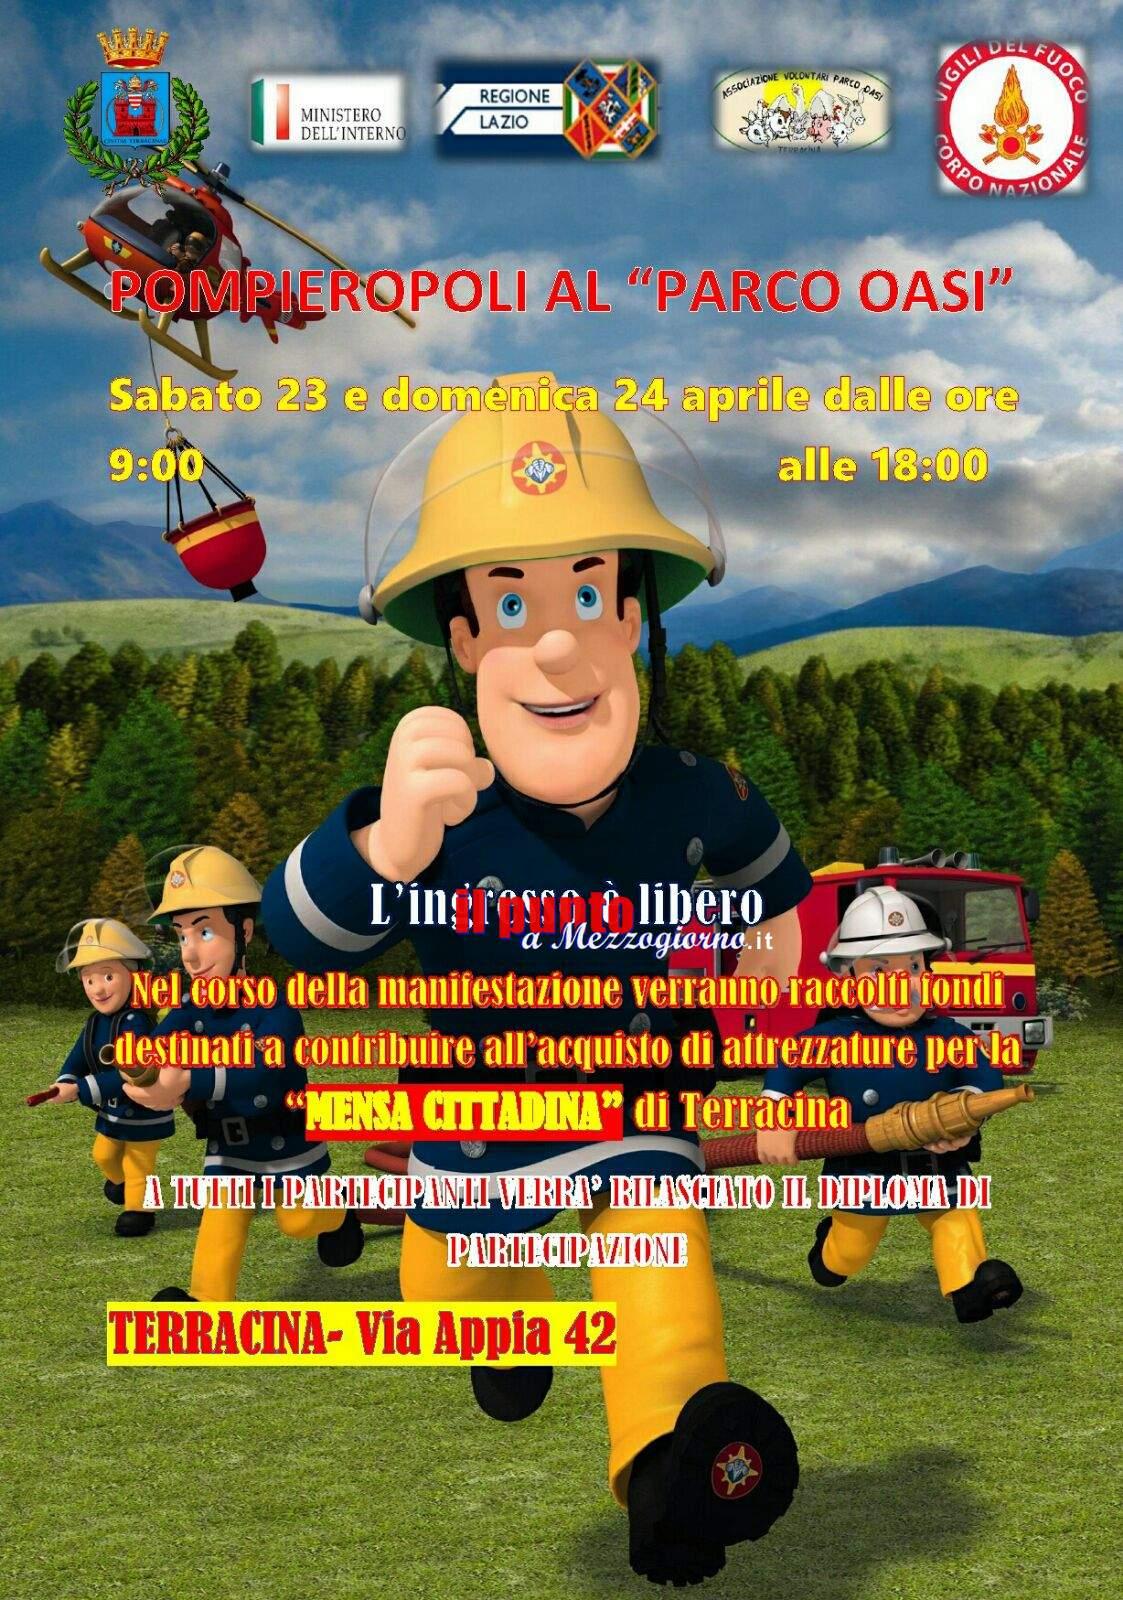 Pompieropoli arriva a Terracina. Esercitazione dei vigili del fuoco con i bambini